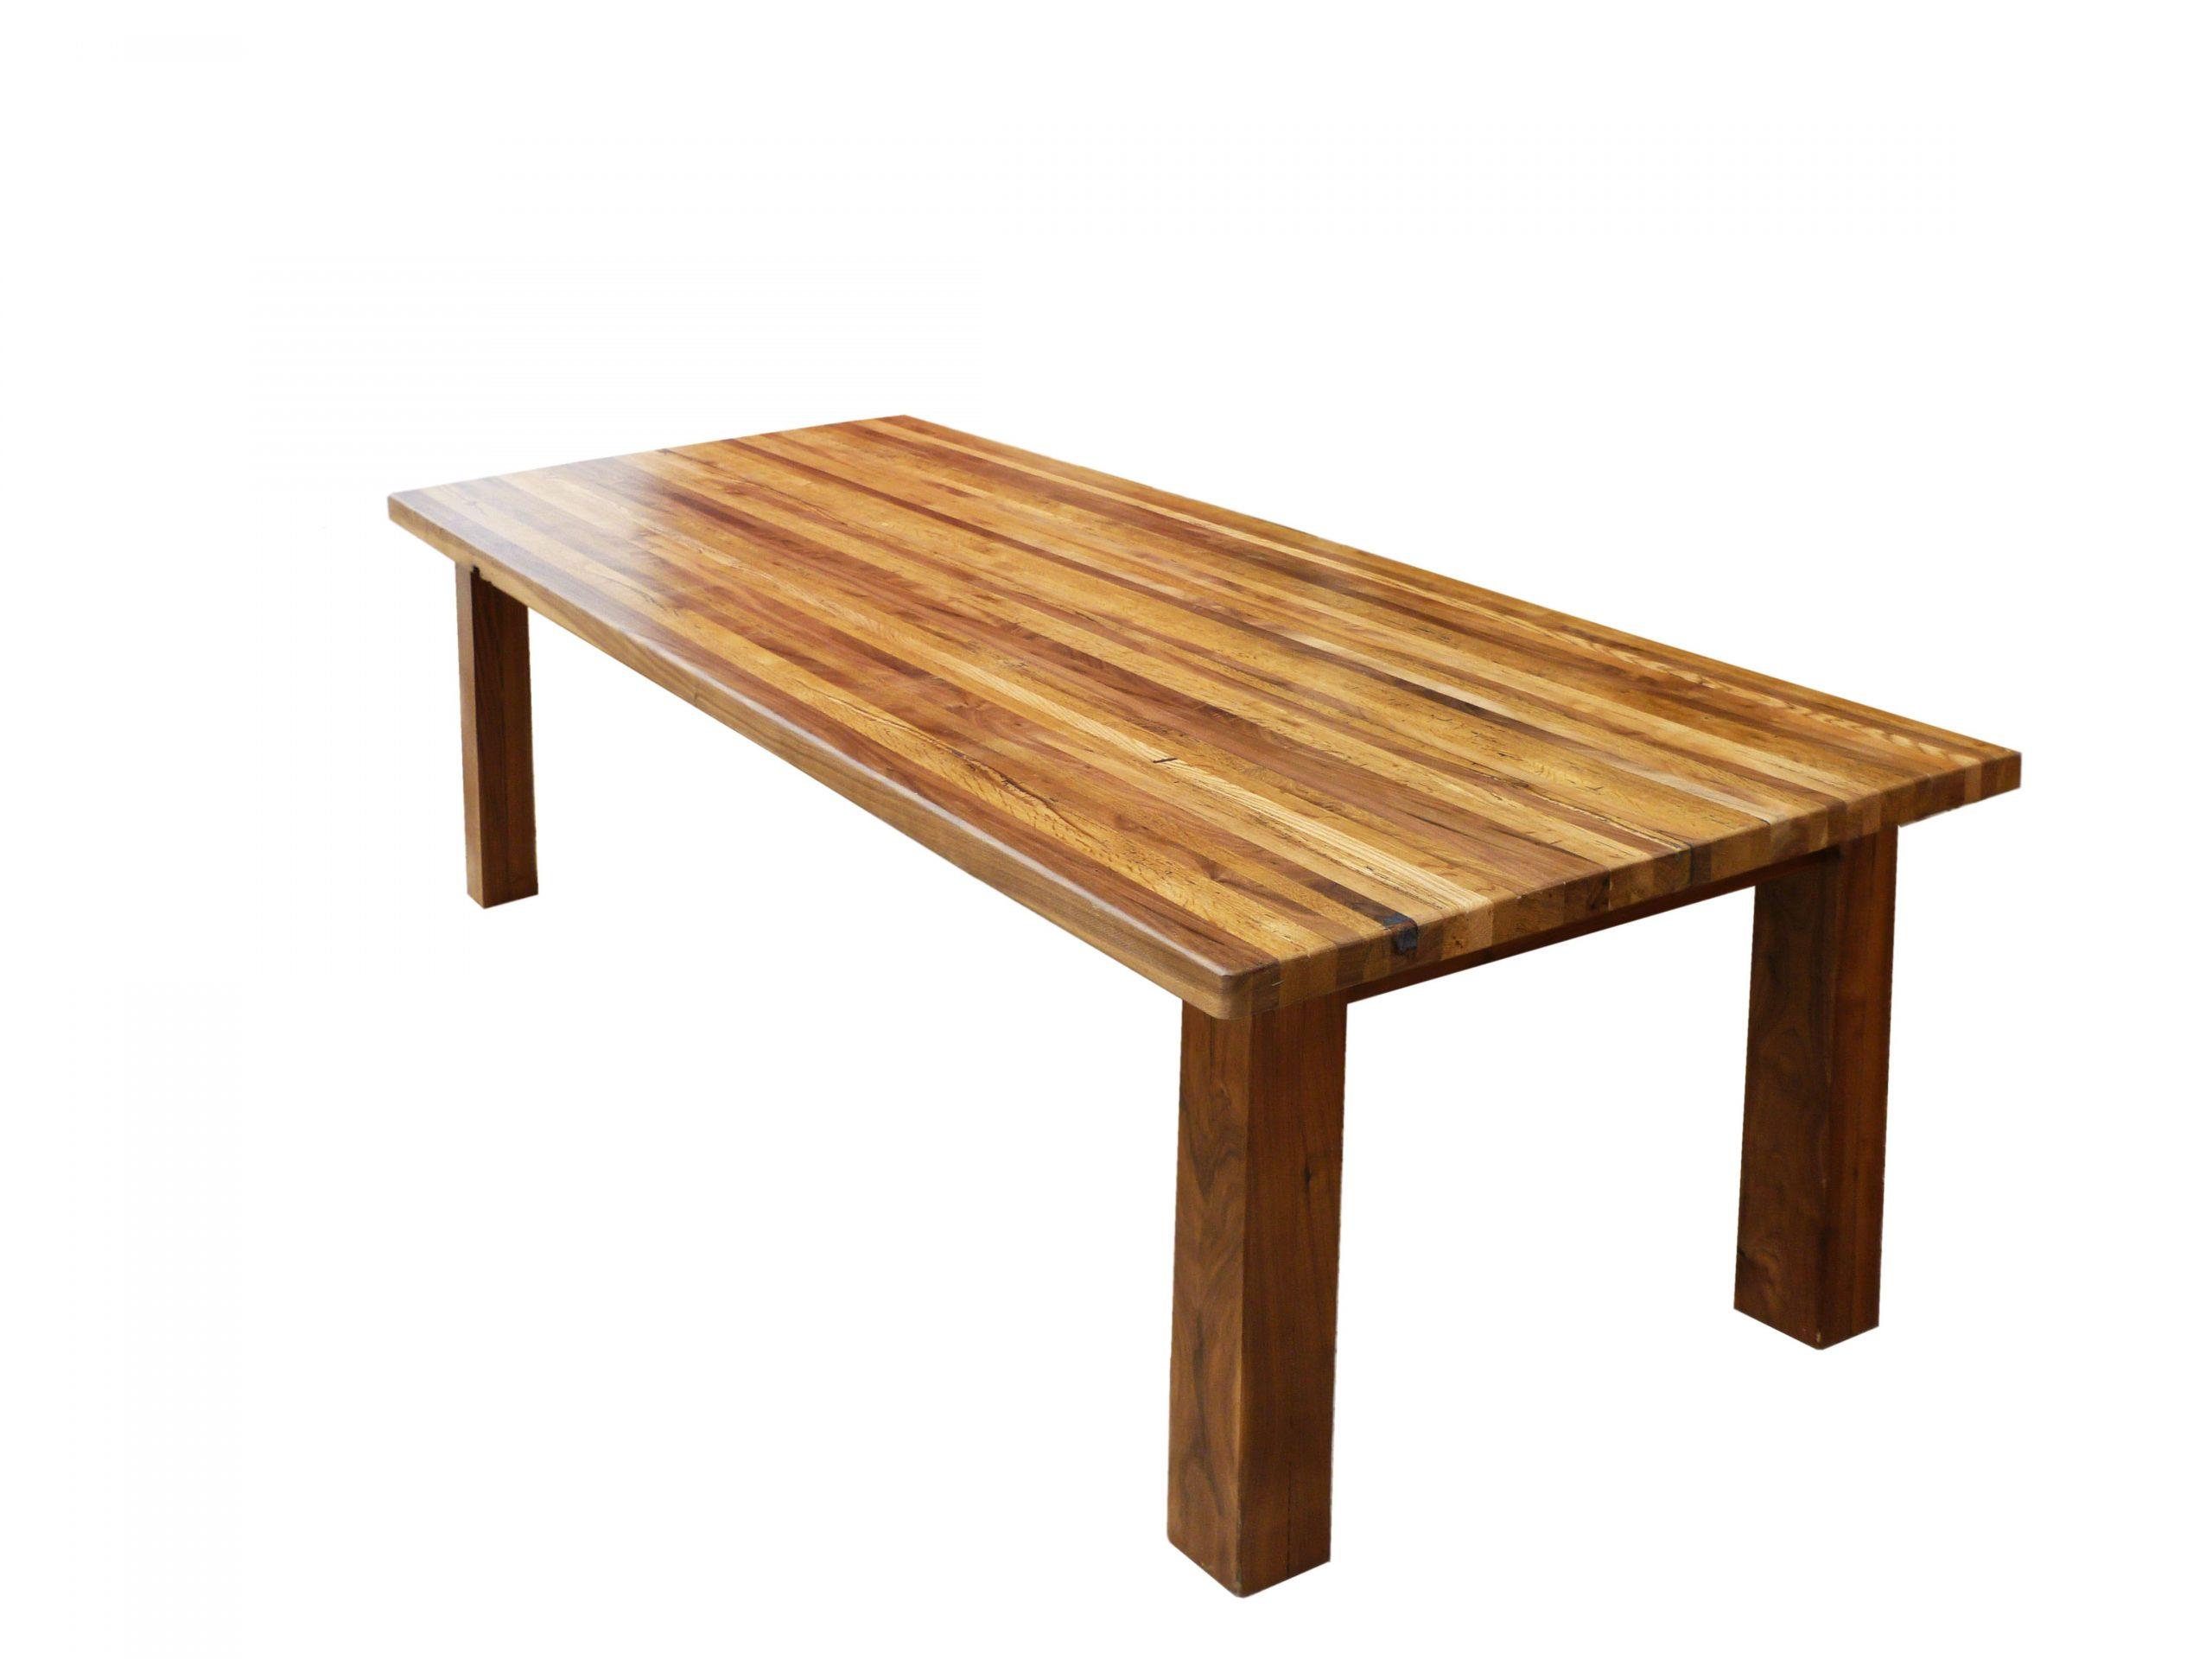 Counter Höhe Metzger Block Tabelle Butcher Block Stehen Kleine Küche Tabelle H…